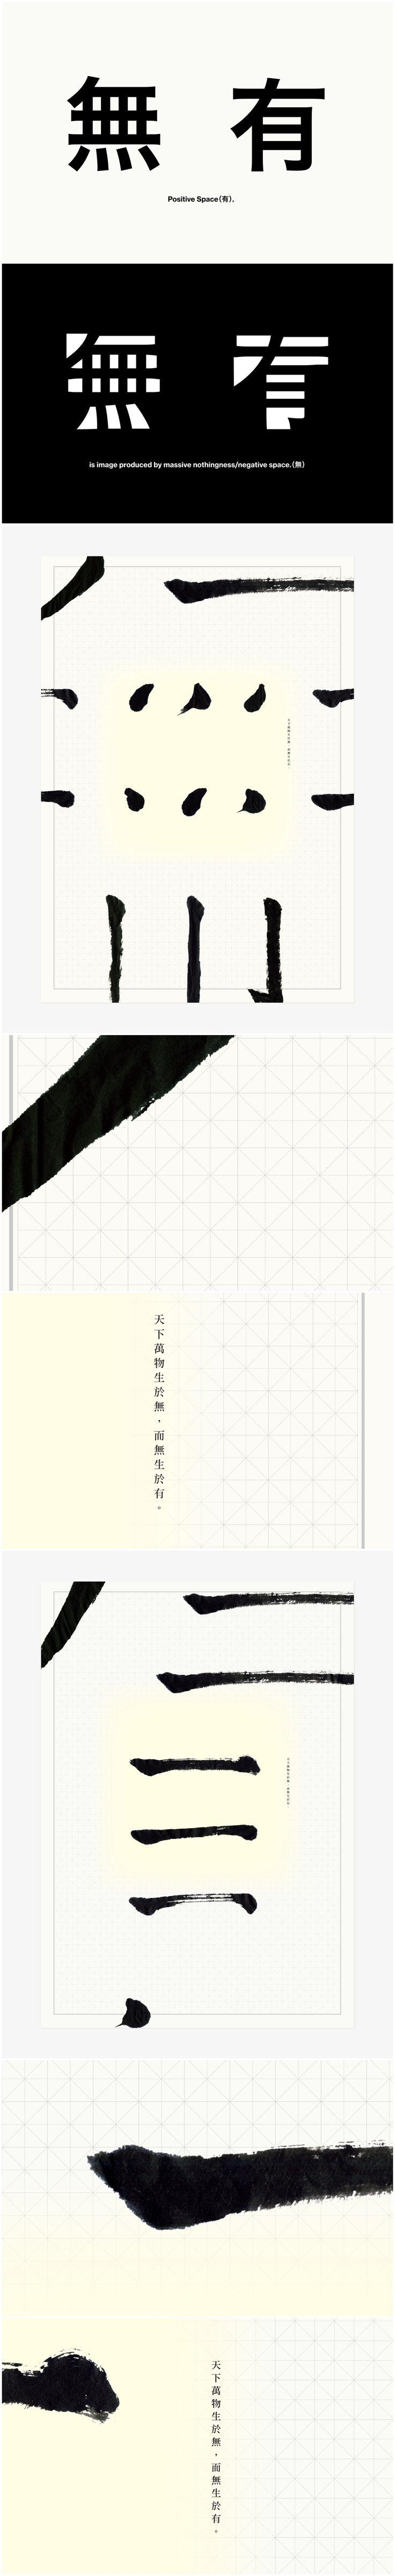 「書法與設計」海報展 Ink and Design Poster Exhibition    via  http://www.juliushui.com/html/works/ink-design/index.html